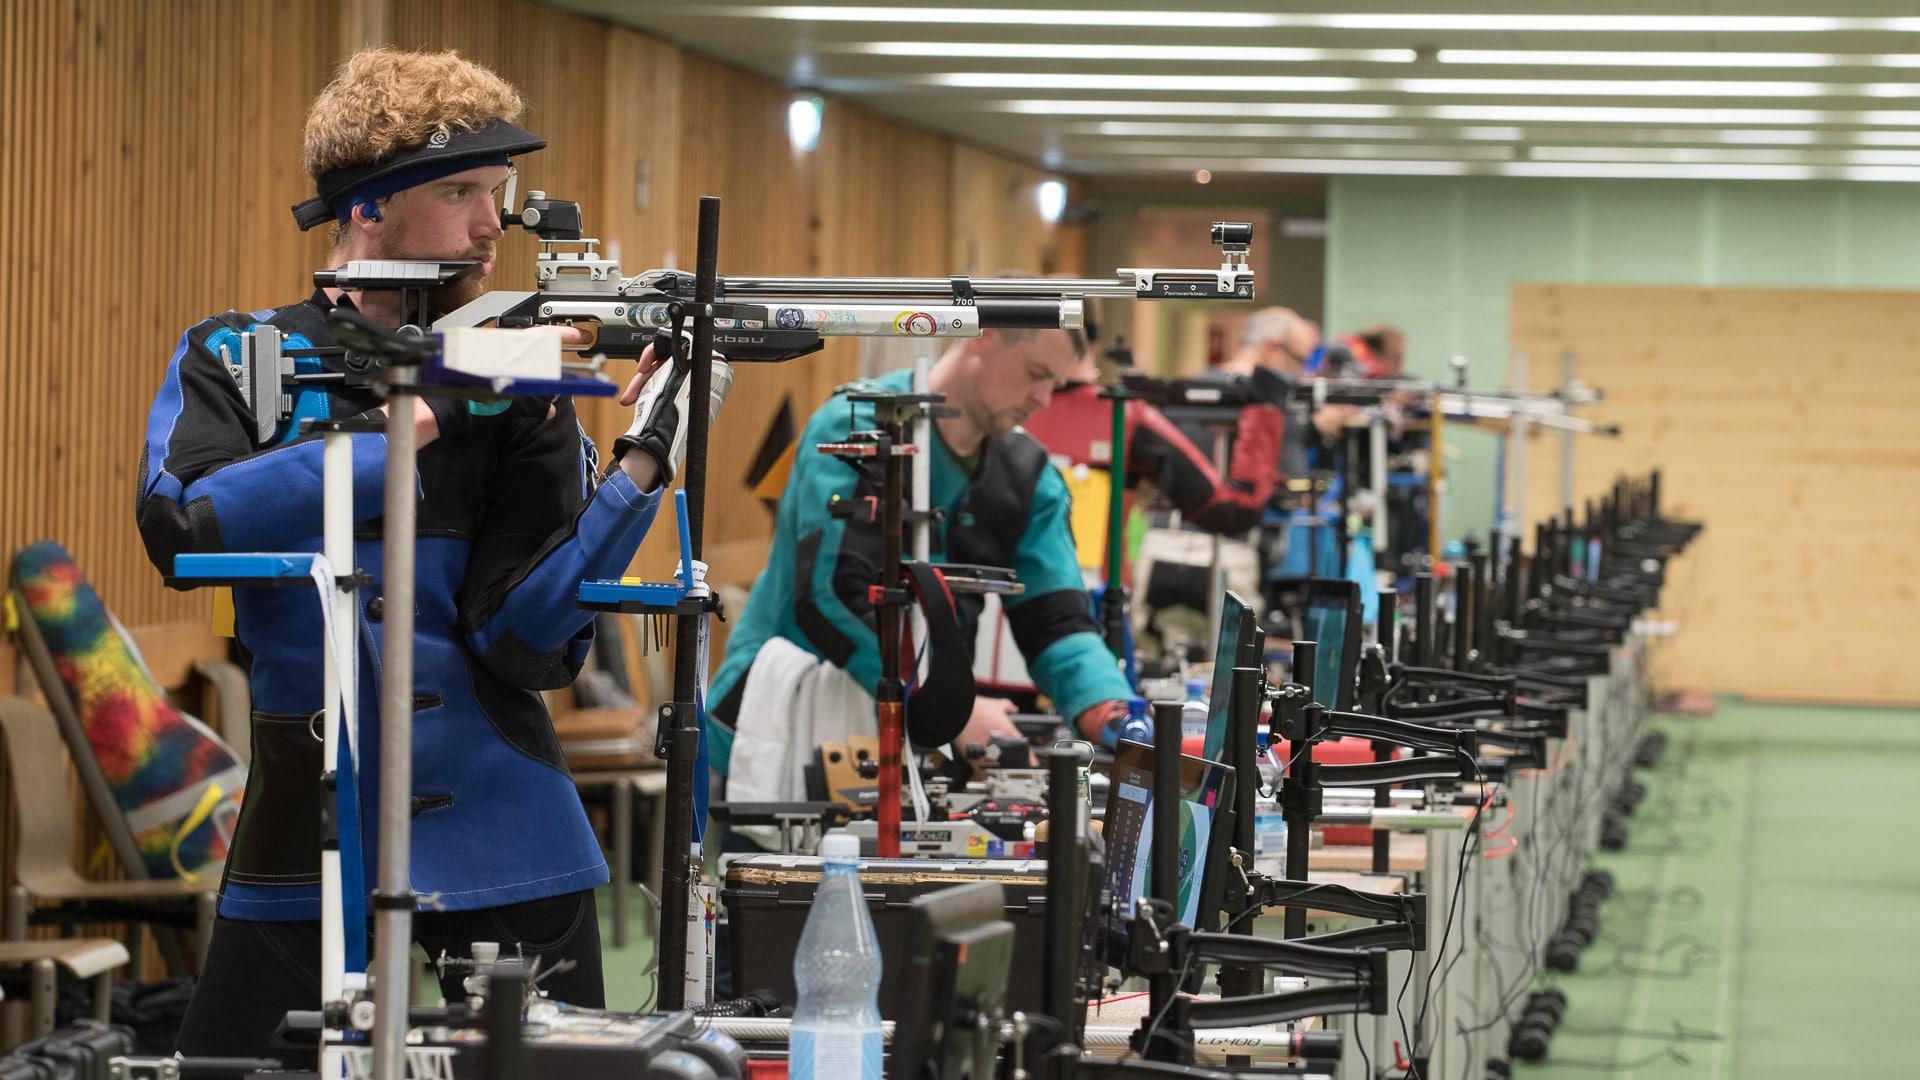 Mehrere Sportschützen am Luftgewehr, bereits aufgelegt, Konzentration, Betriebssport